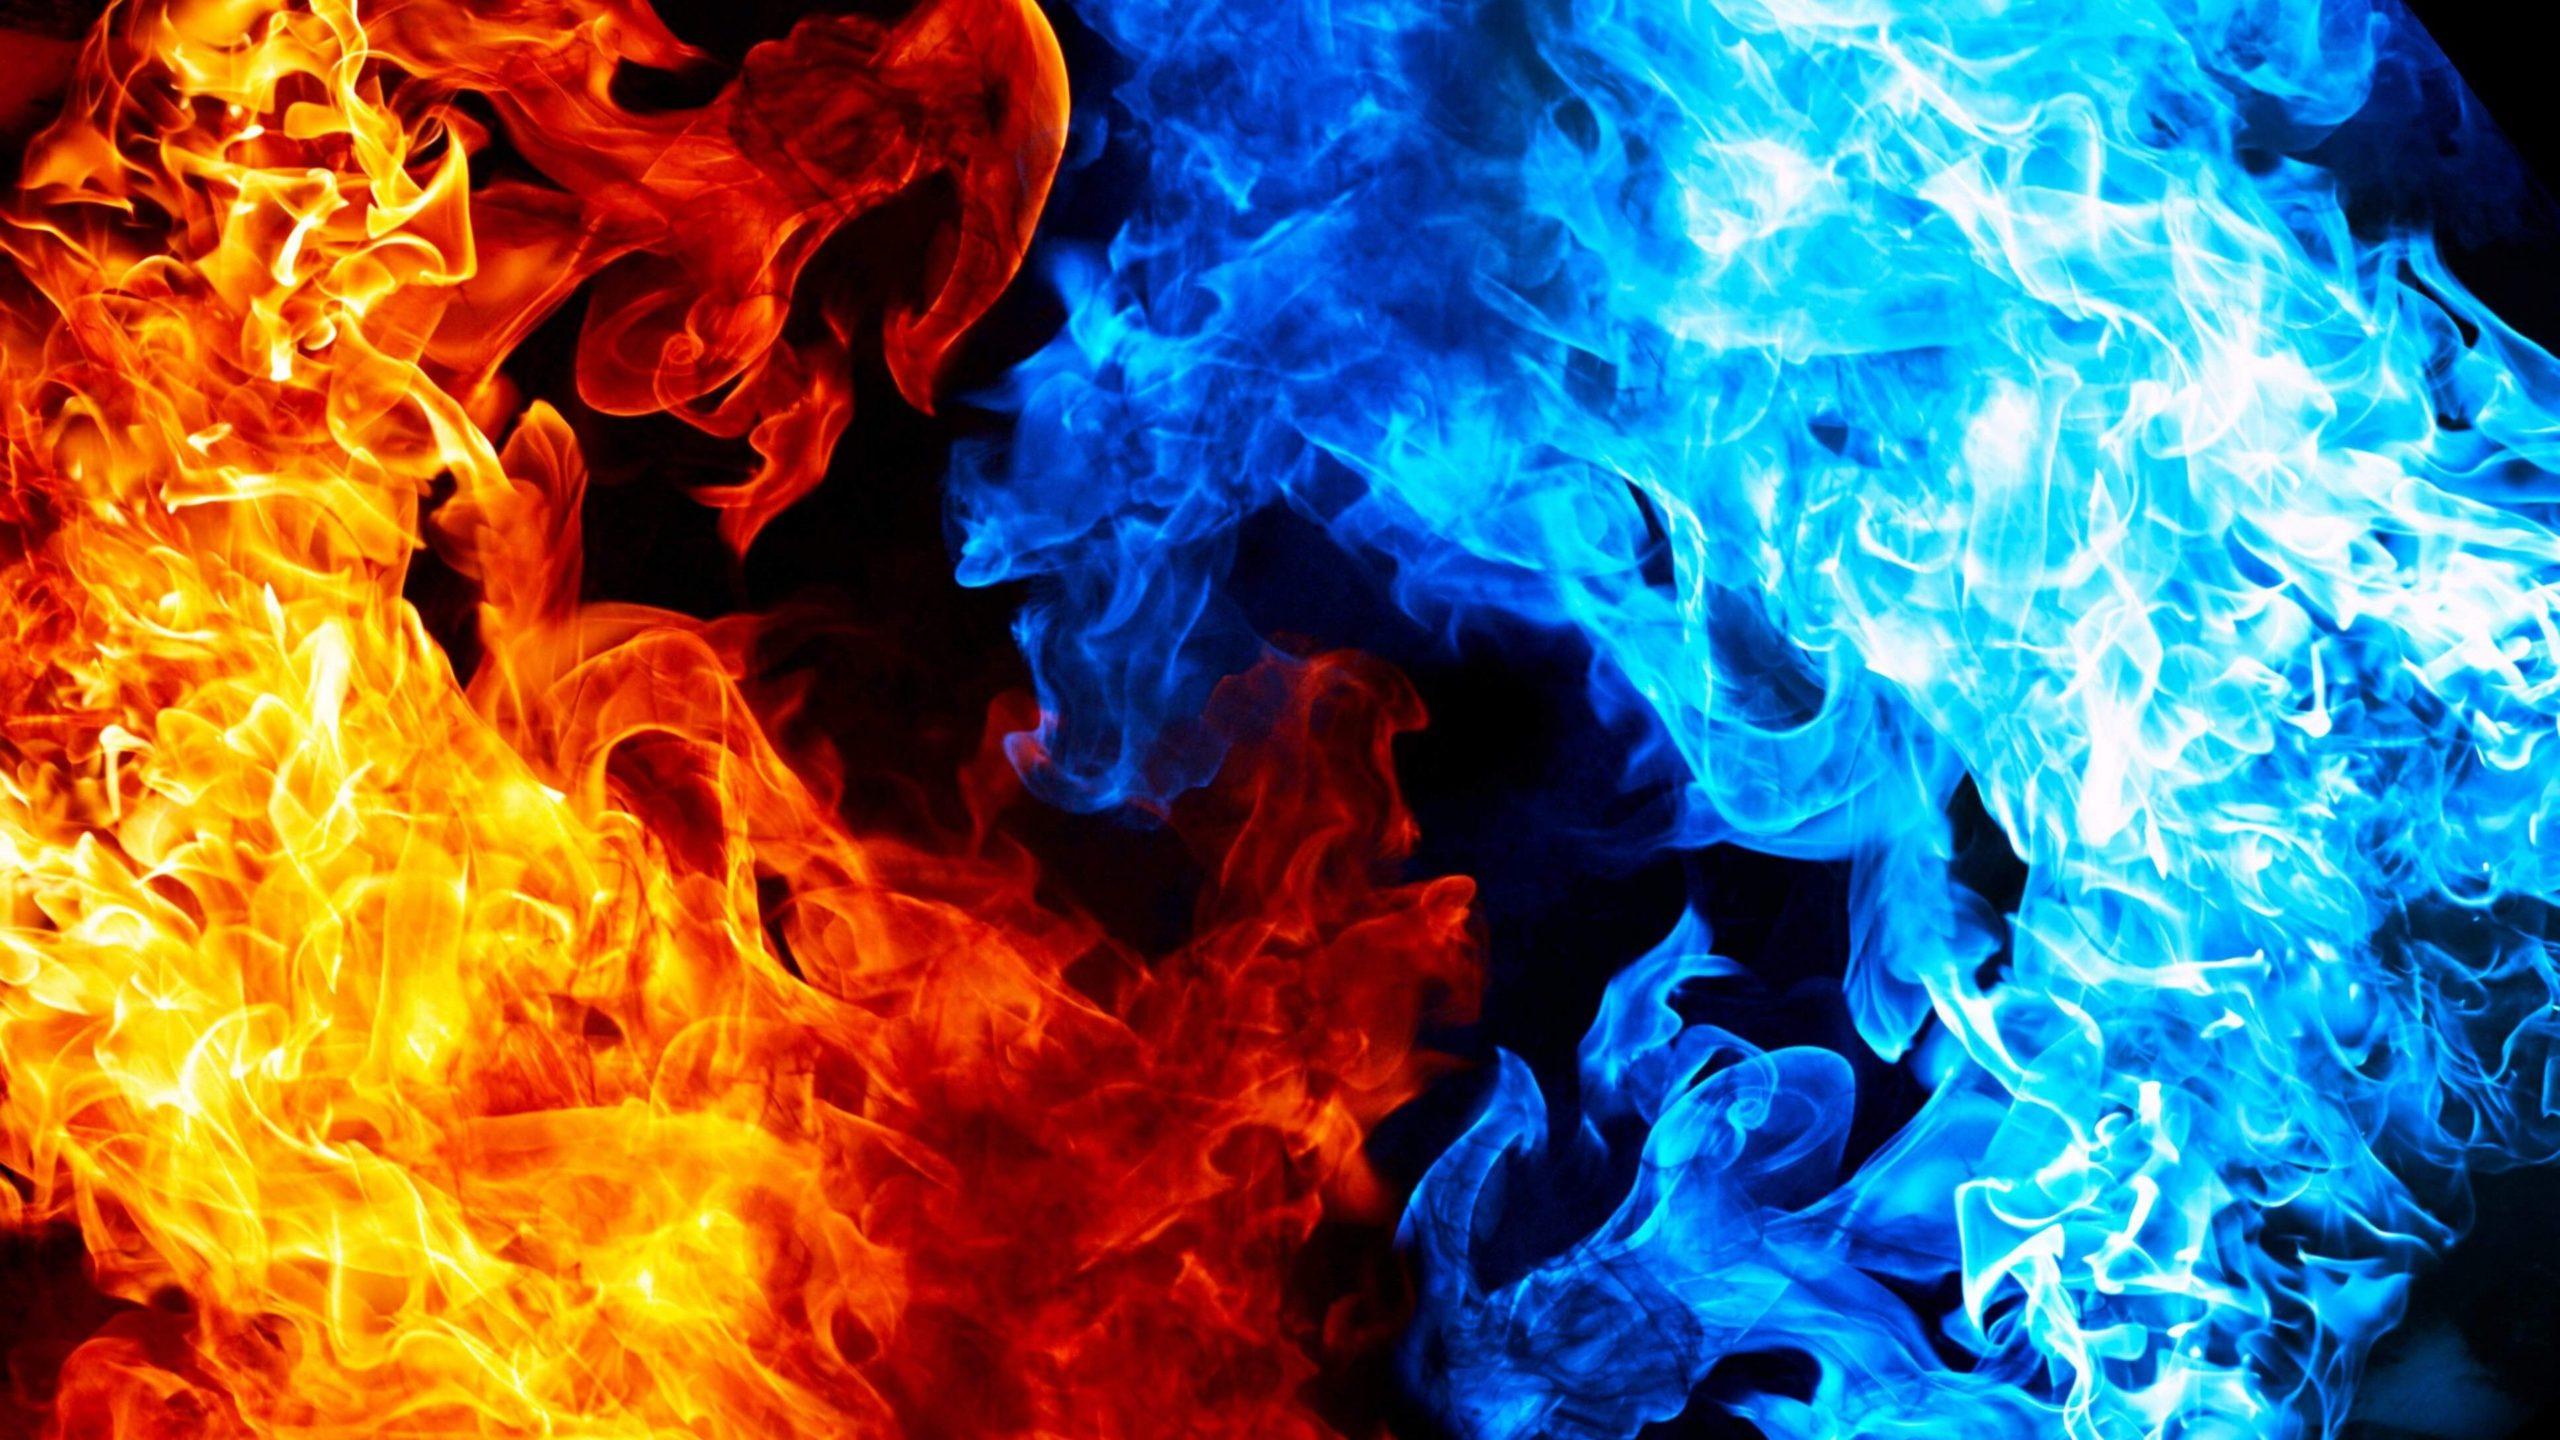 Hình ảnh hai ngọn lửa vàng xanh